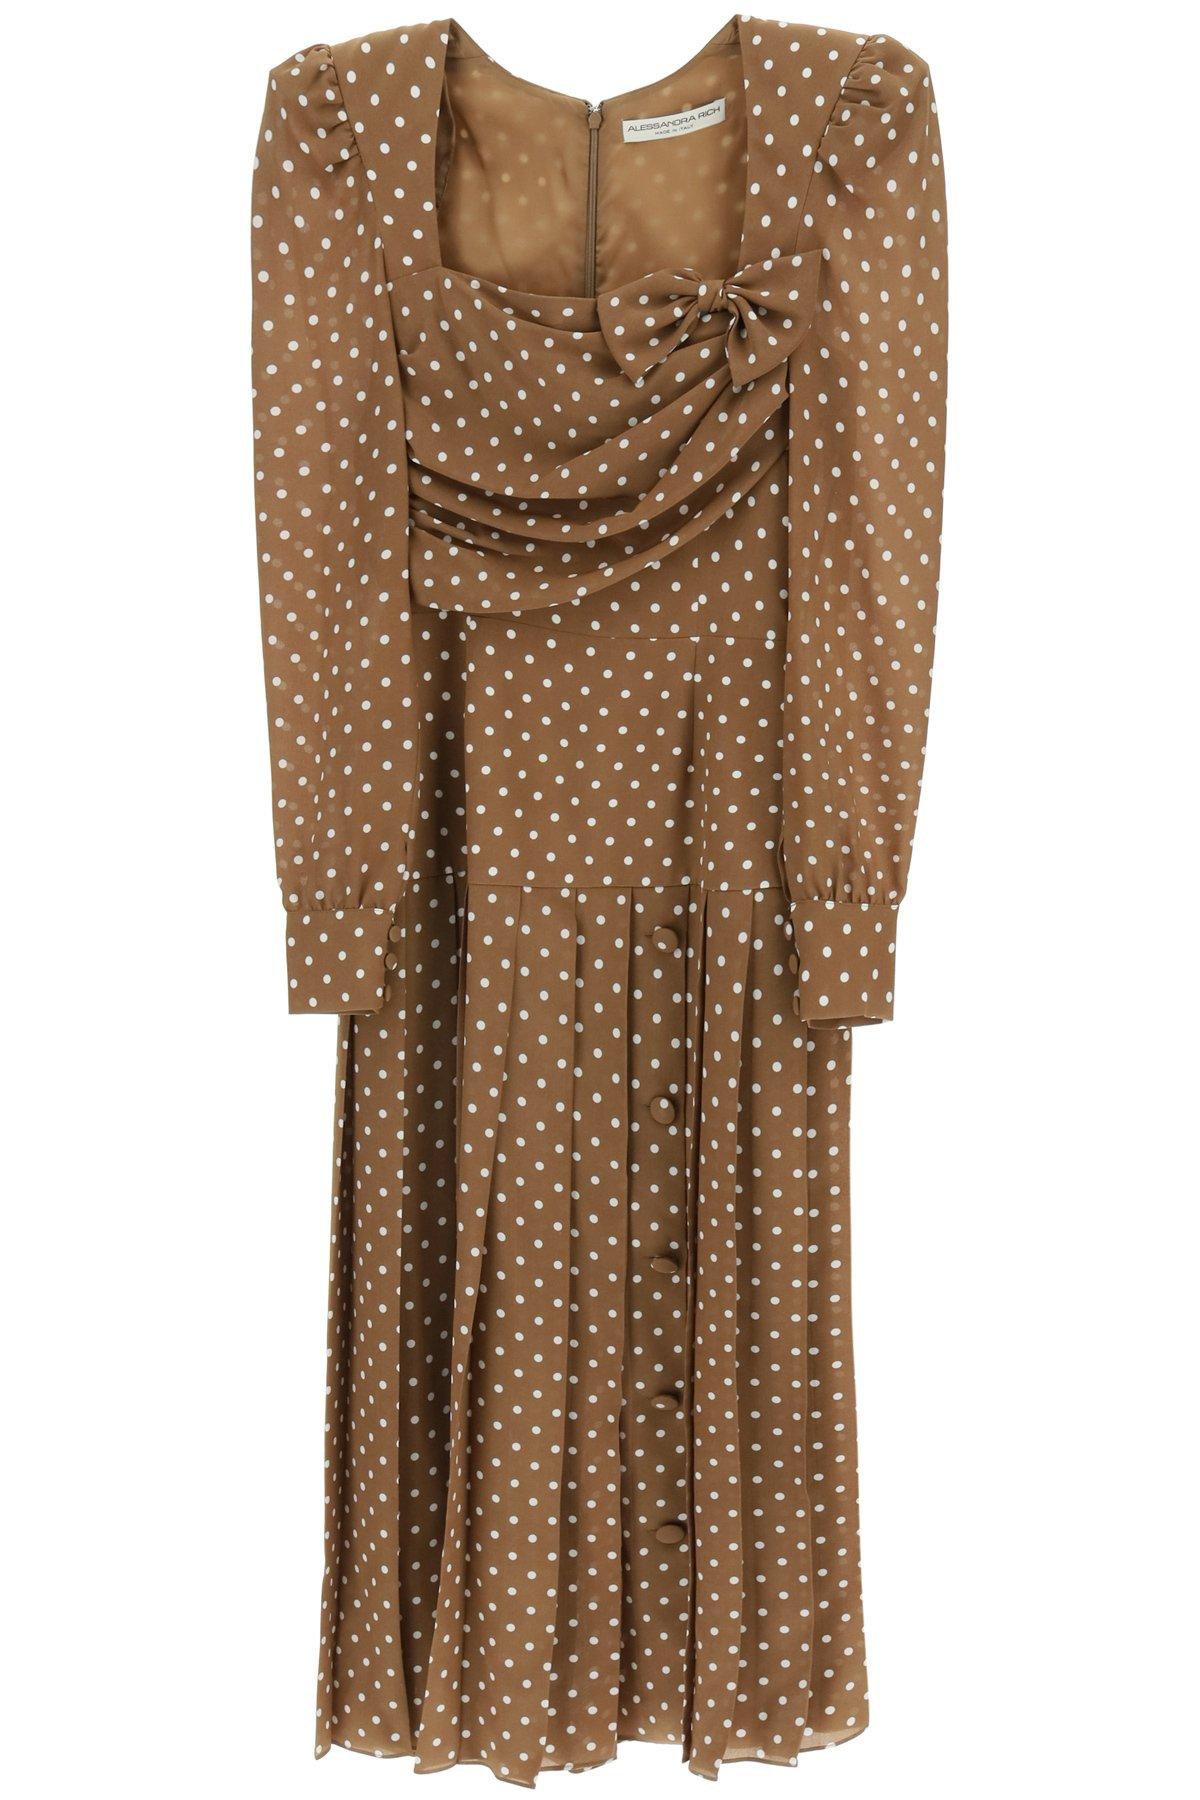 Alessandra rich abito midi in seta a pois